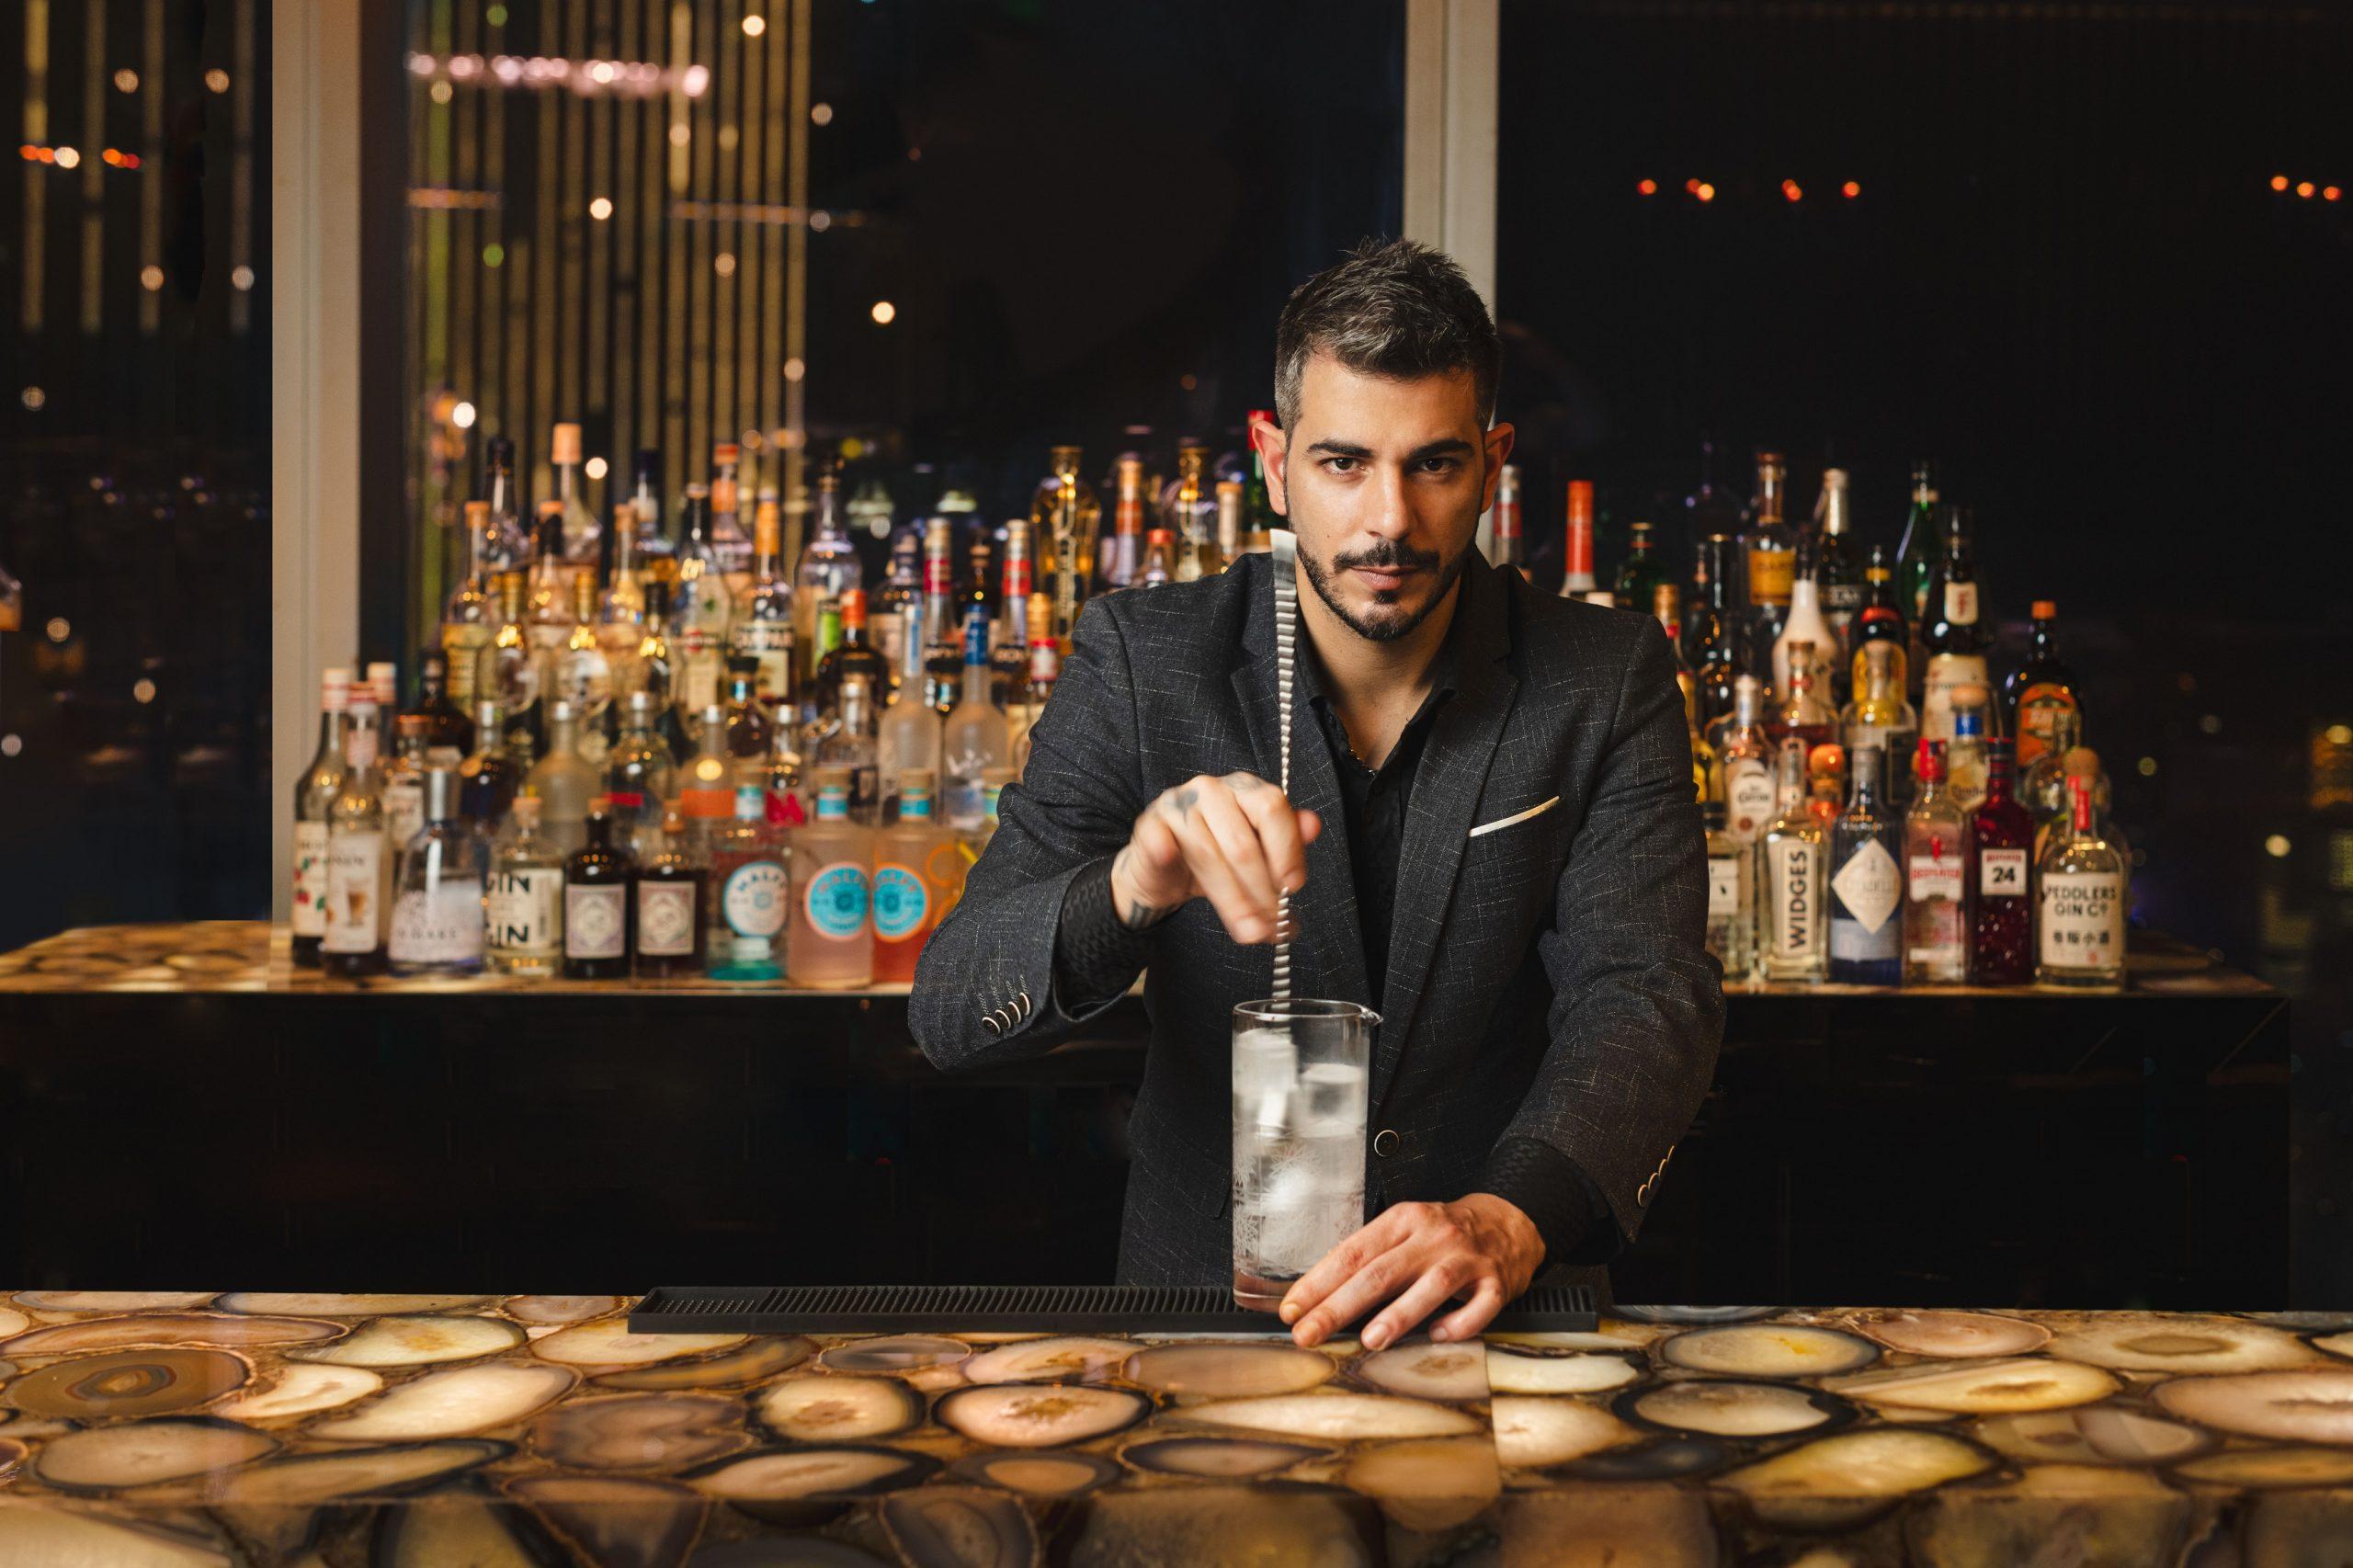 广州四季酒店新任首席调酒师安东尼奥 | Antonio De Luca, Head Bartender, Tian Bar at Four Seasons Guangzhou